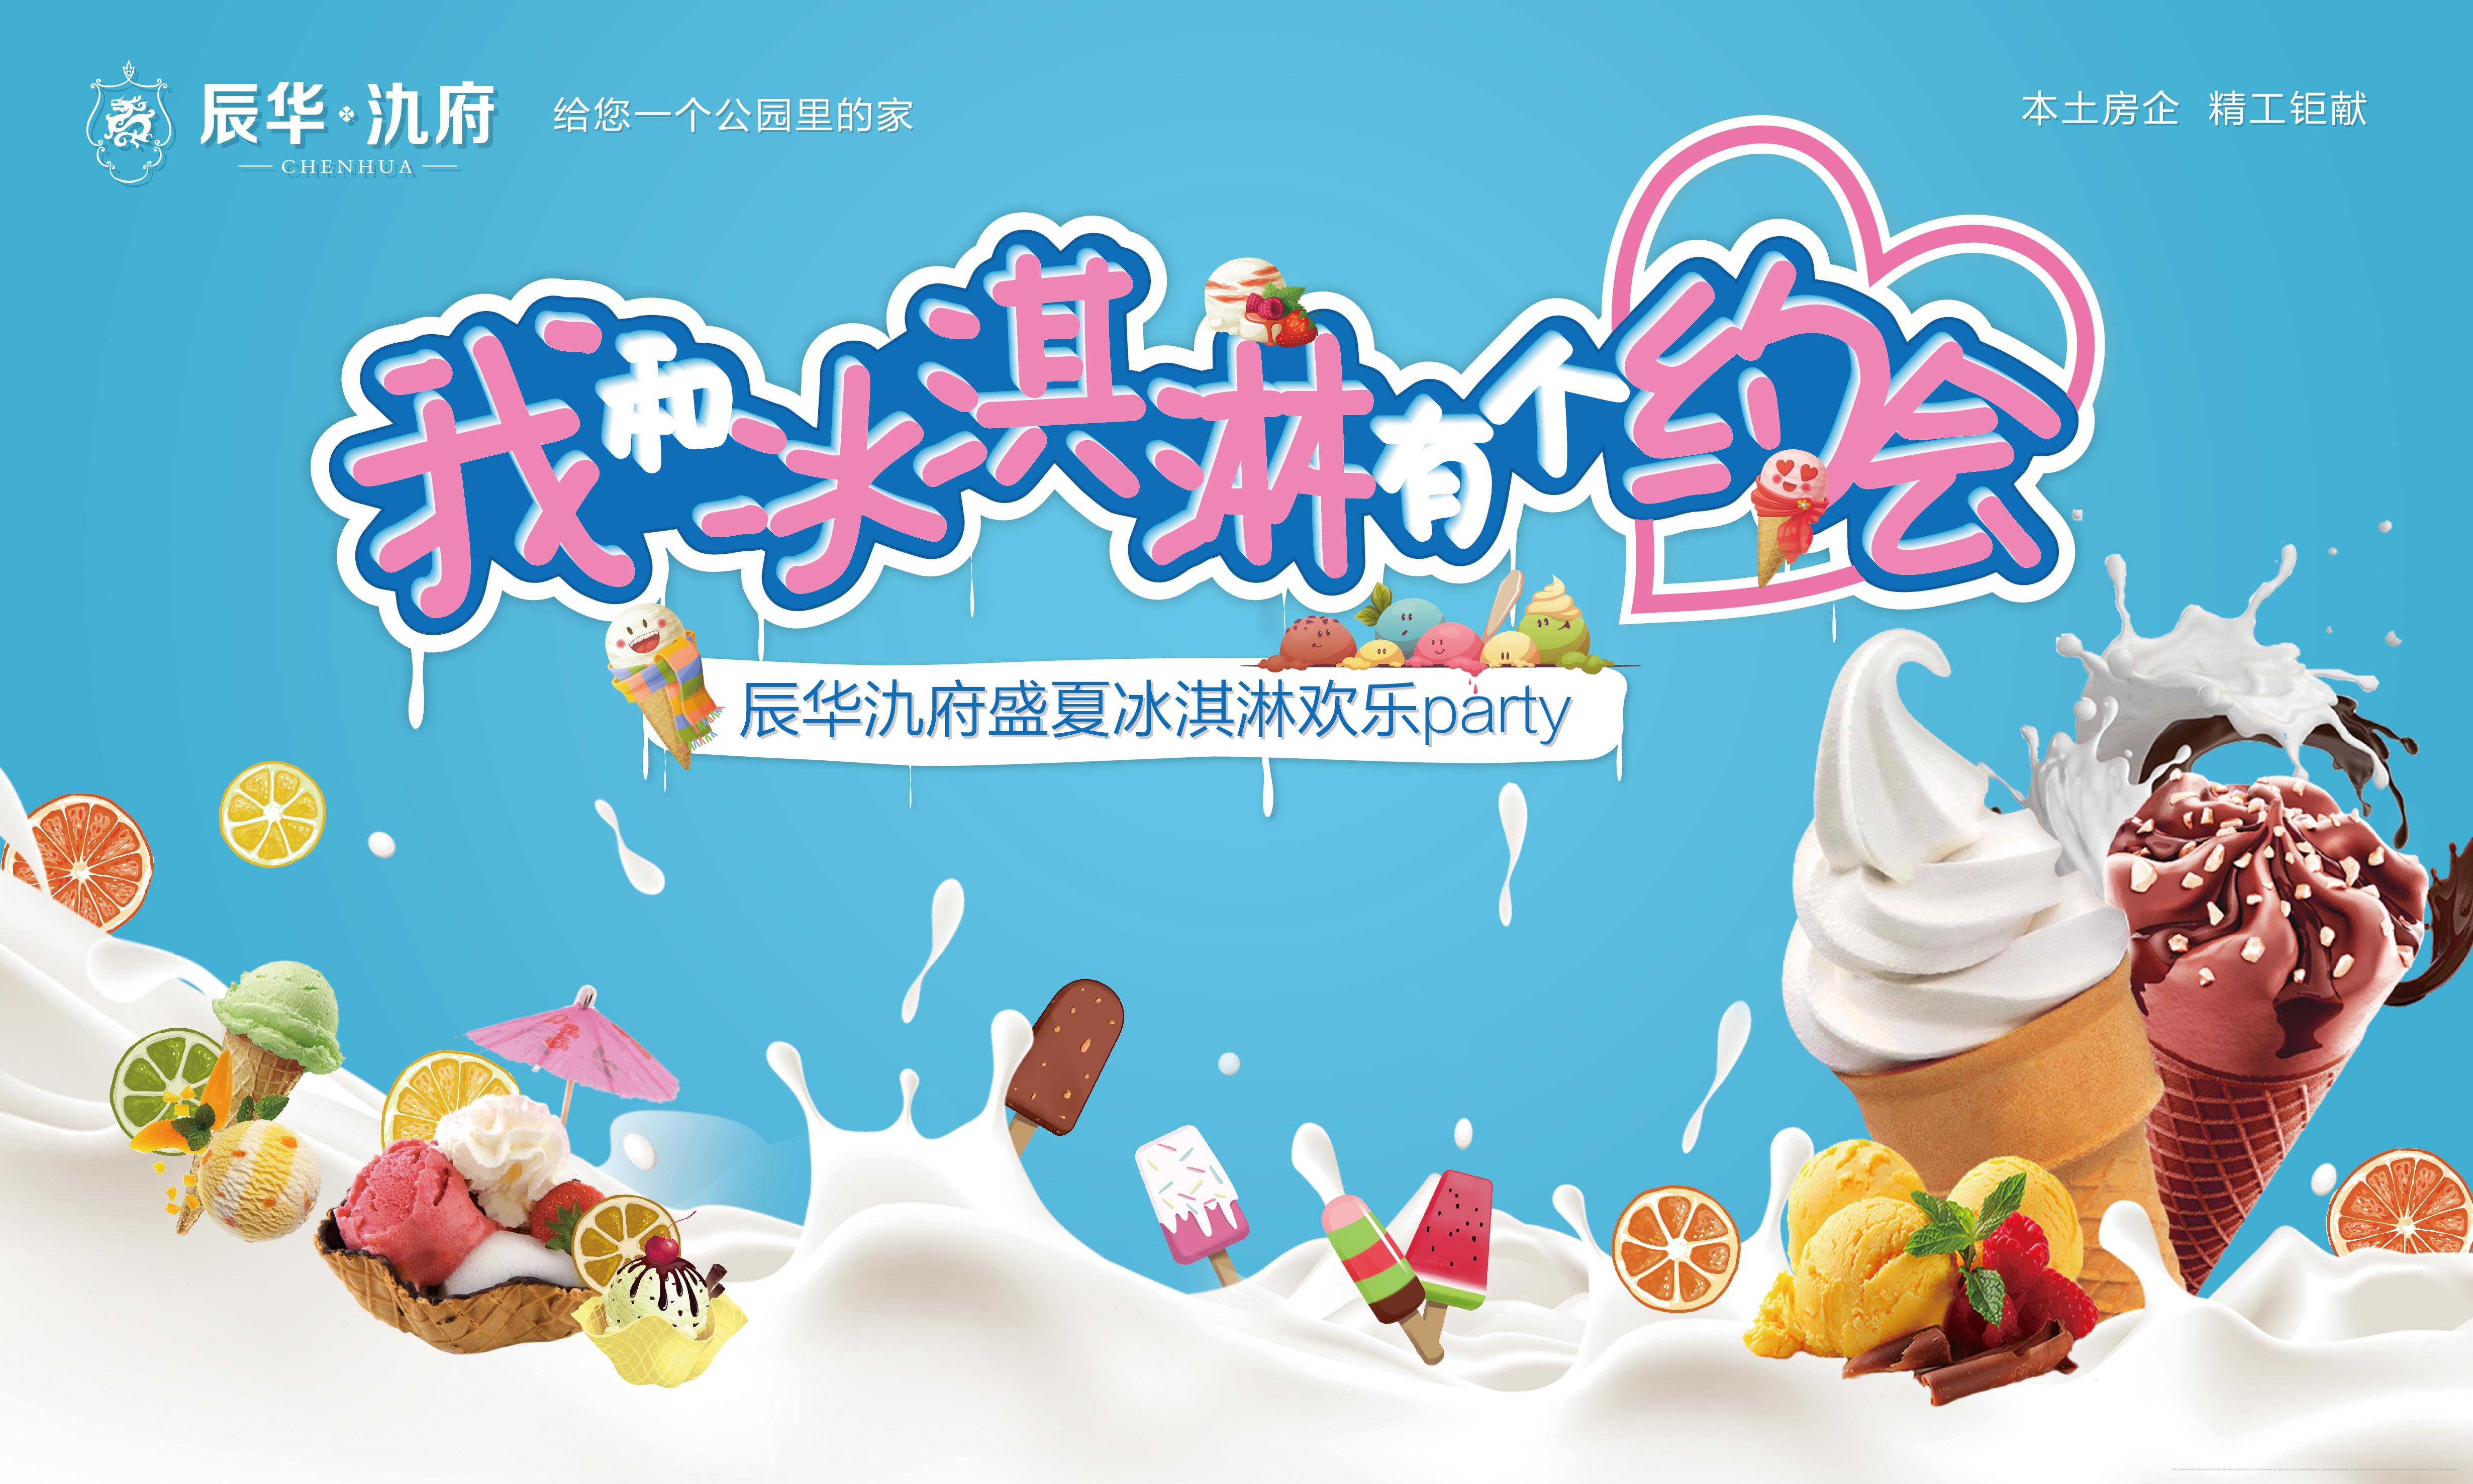 『辰華氿府』盛夏冰淇淋歡樂PARTY